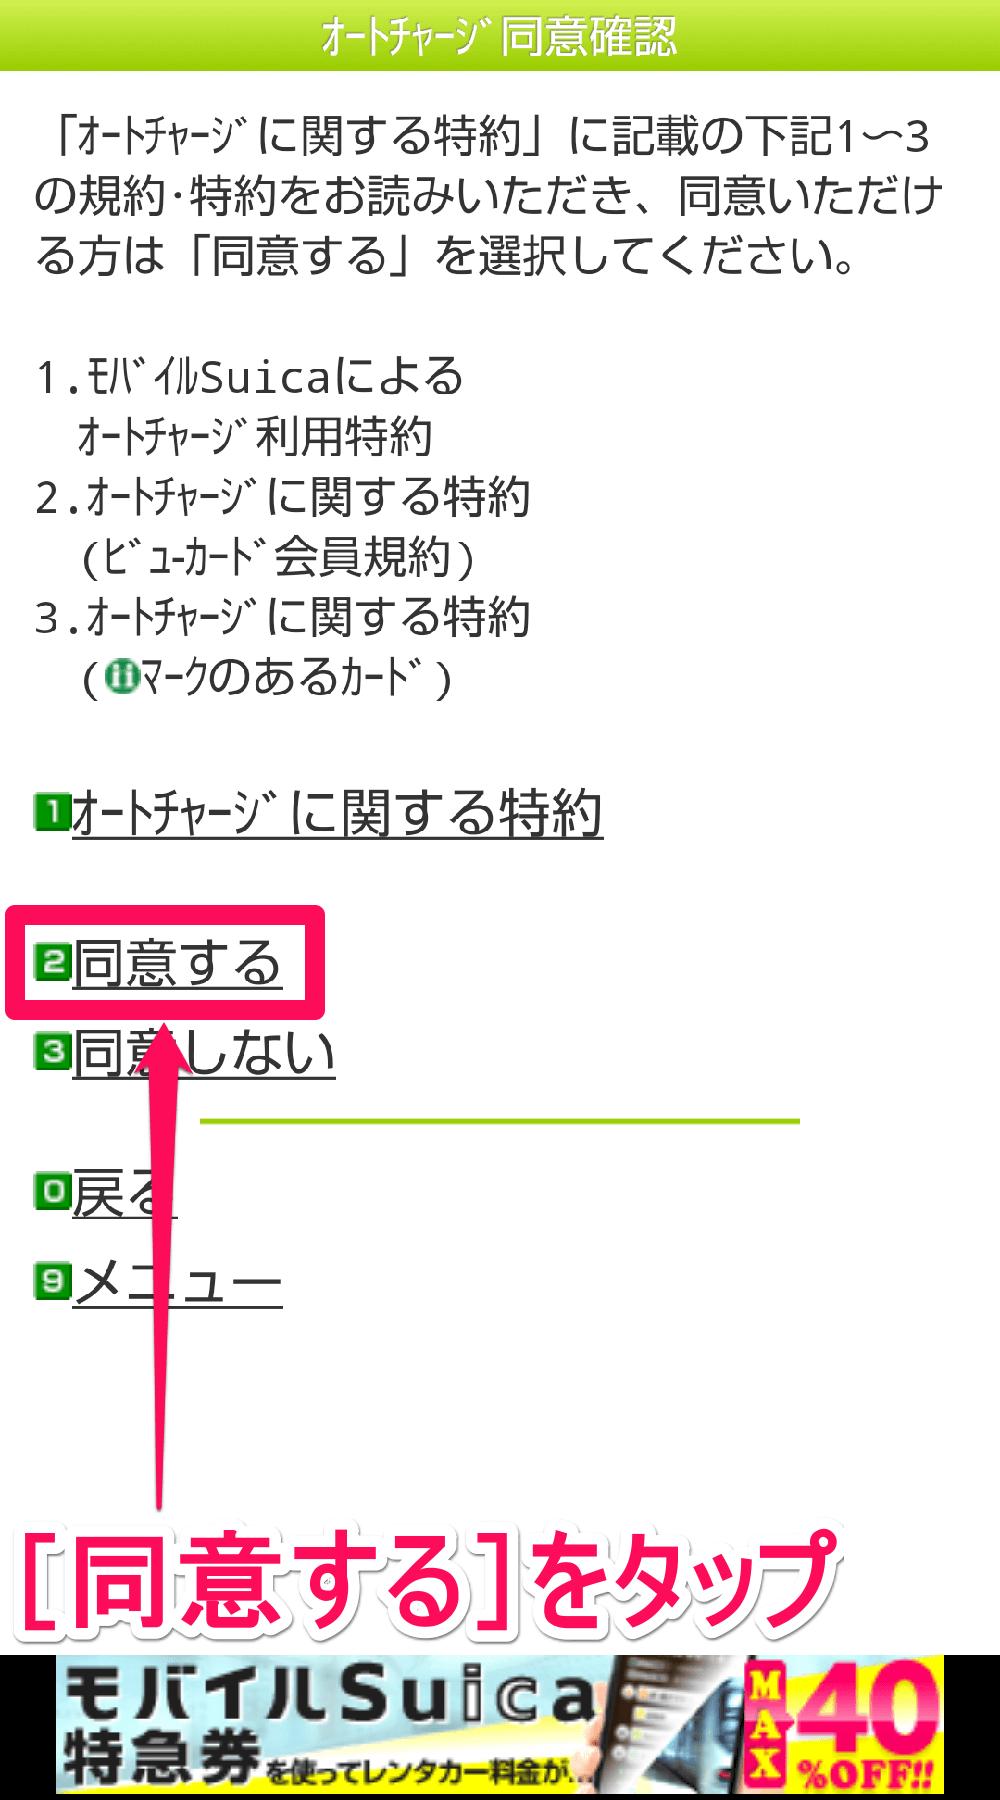 Android(アンドロイド)スマートフォン版「モバイルSuica」アプリの「オートチャージ同意確認」画面